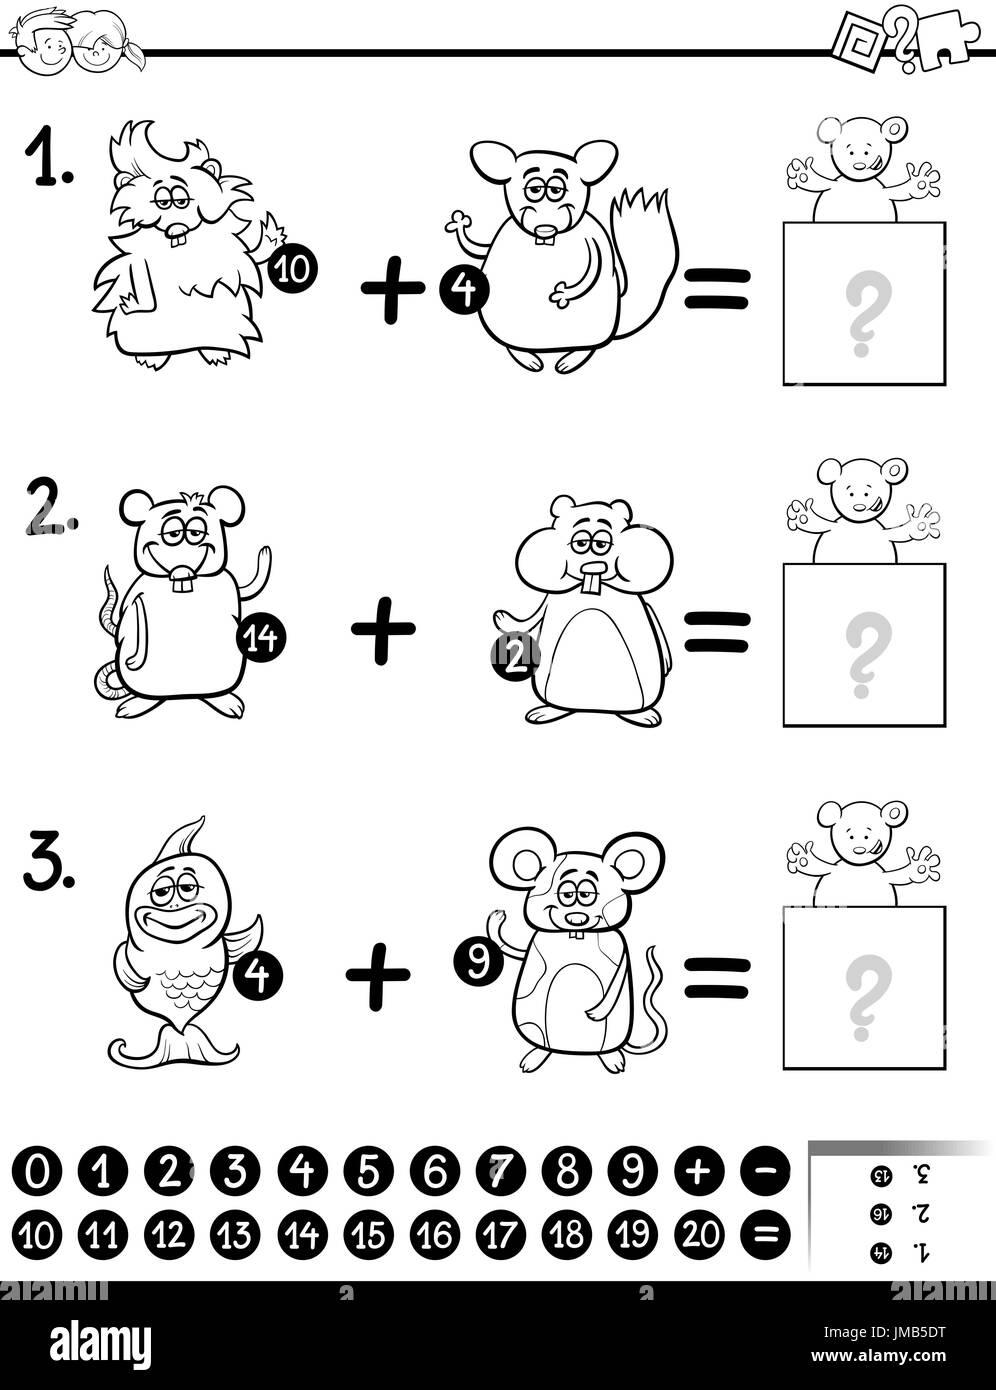 Ilustración Caricatura En Blanco Y Negro De Matemática Educativa